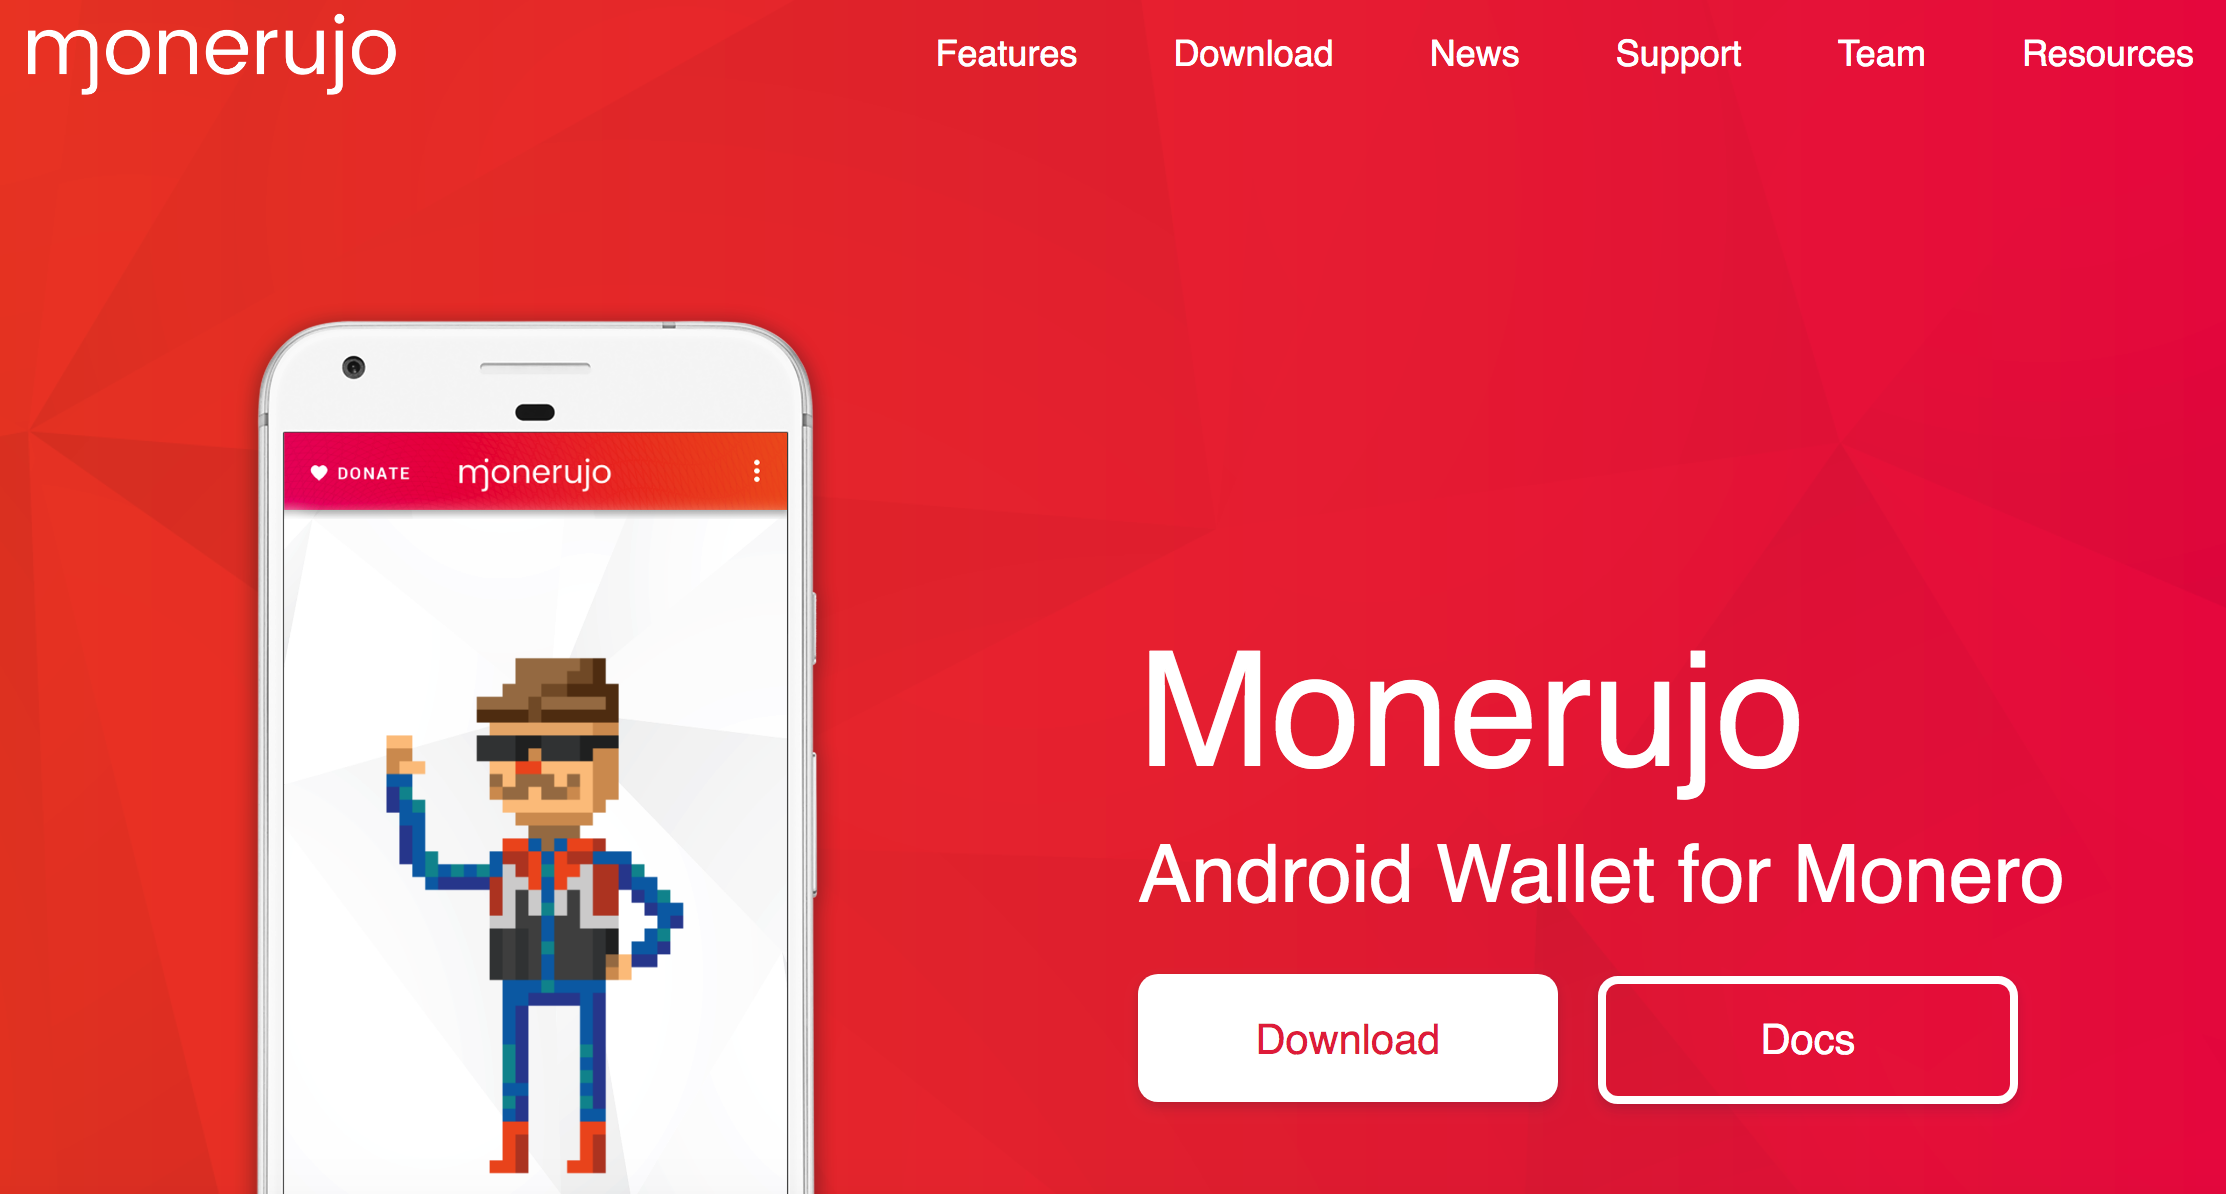 Monerujo XMR wallet